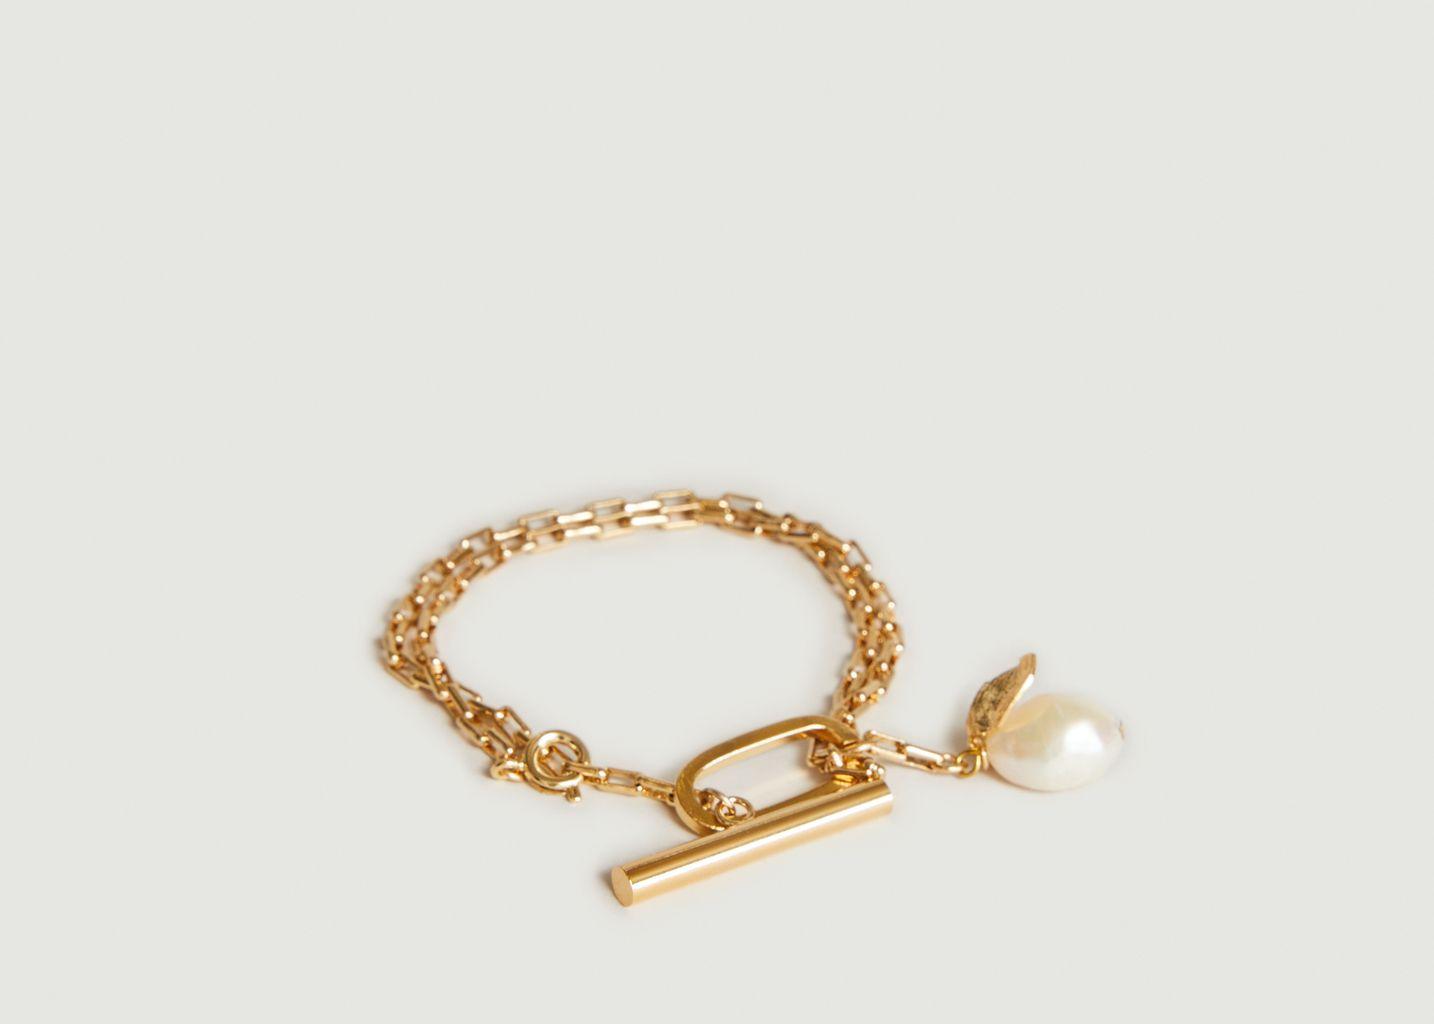 Bracelet Xandra - Medecine Douce